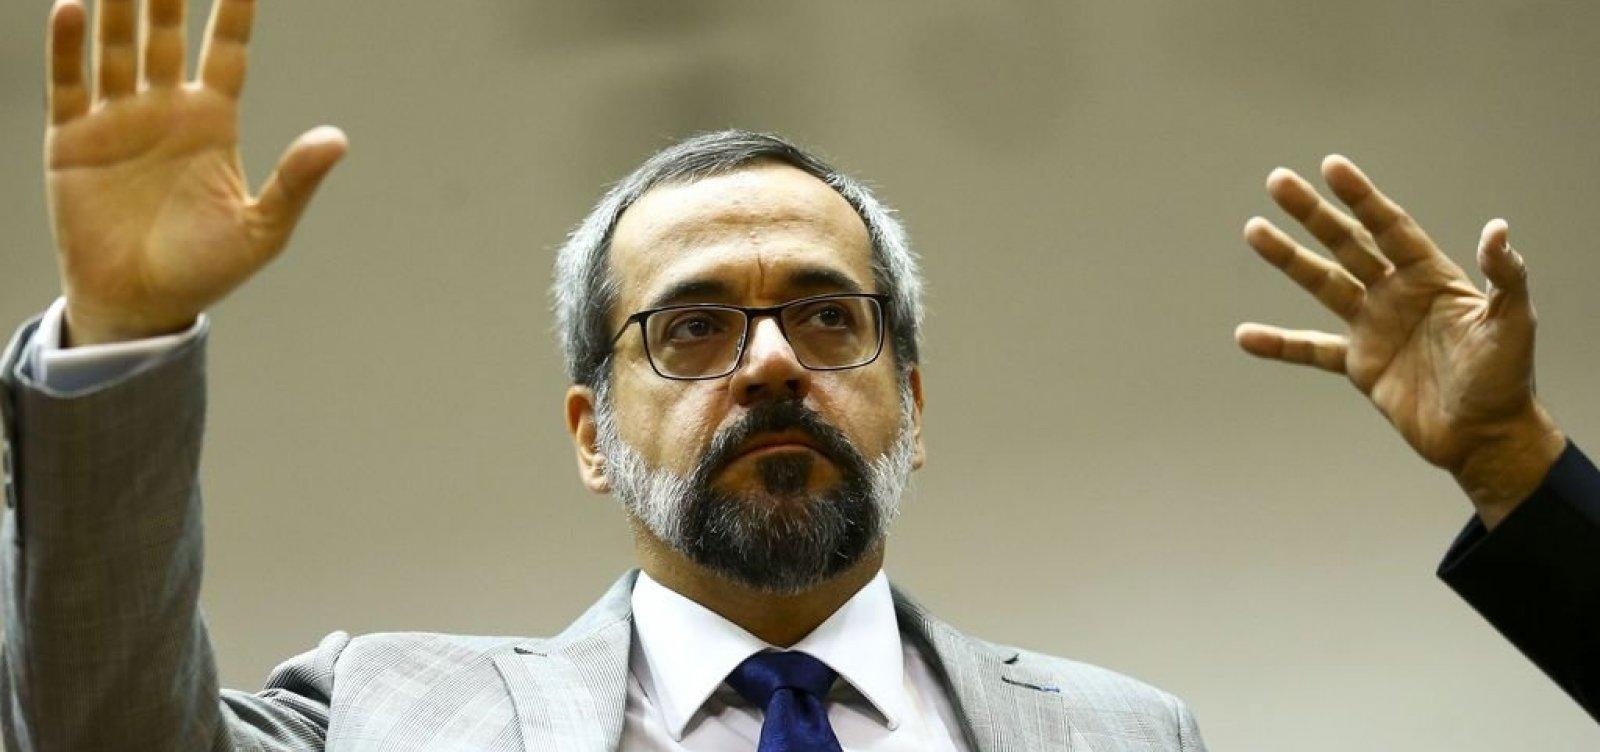 [Inquérito das fake news: Weintraub presta depoimento à PF no Ministério da Educação]